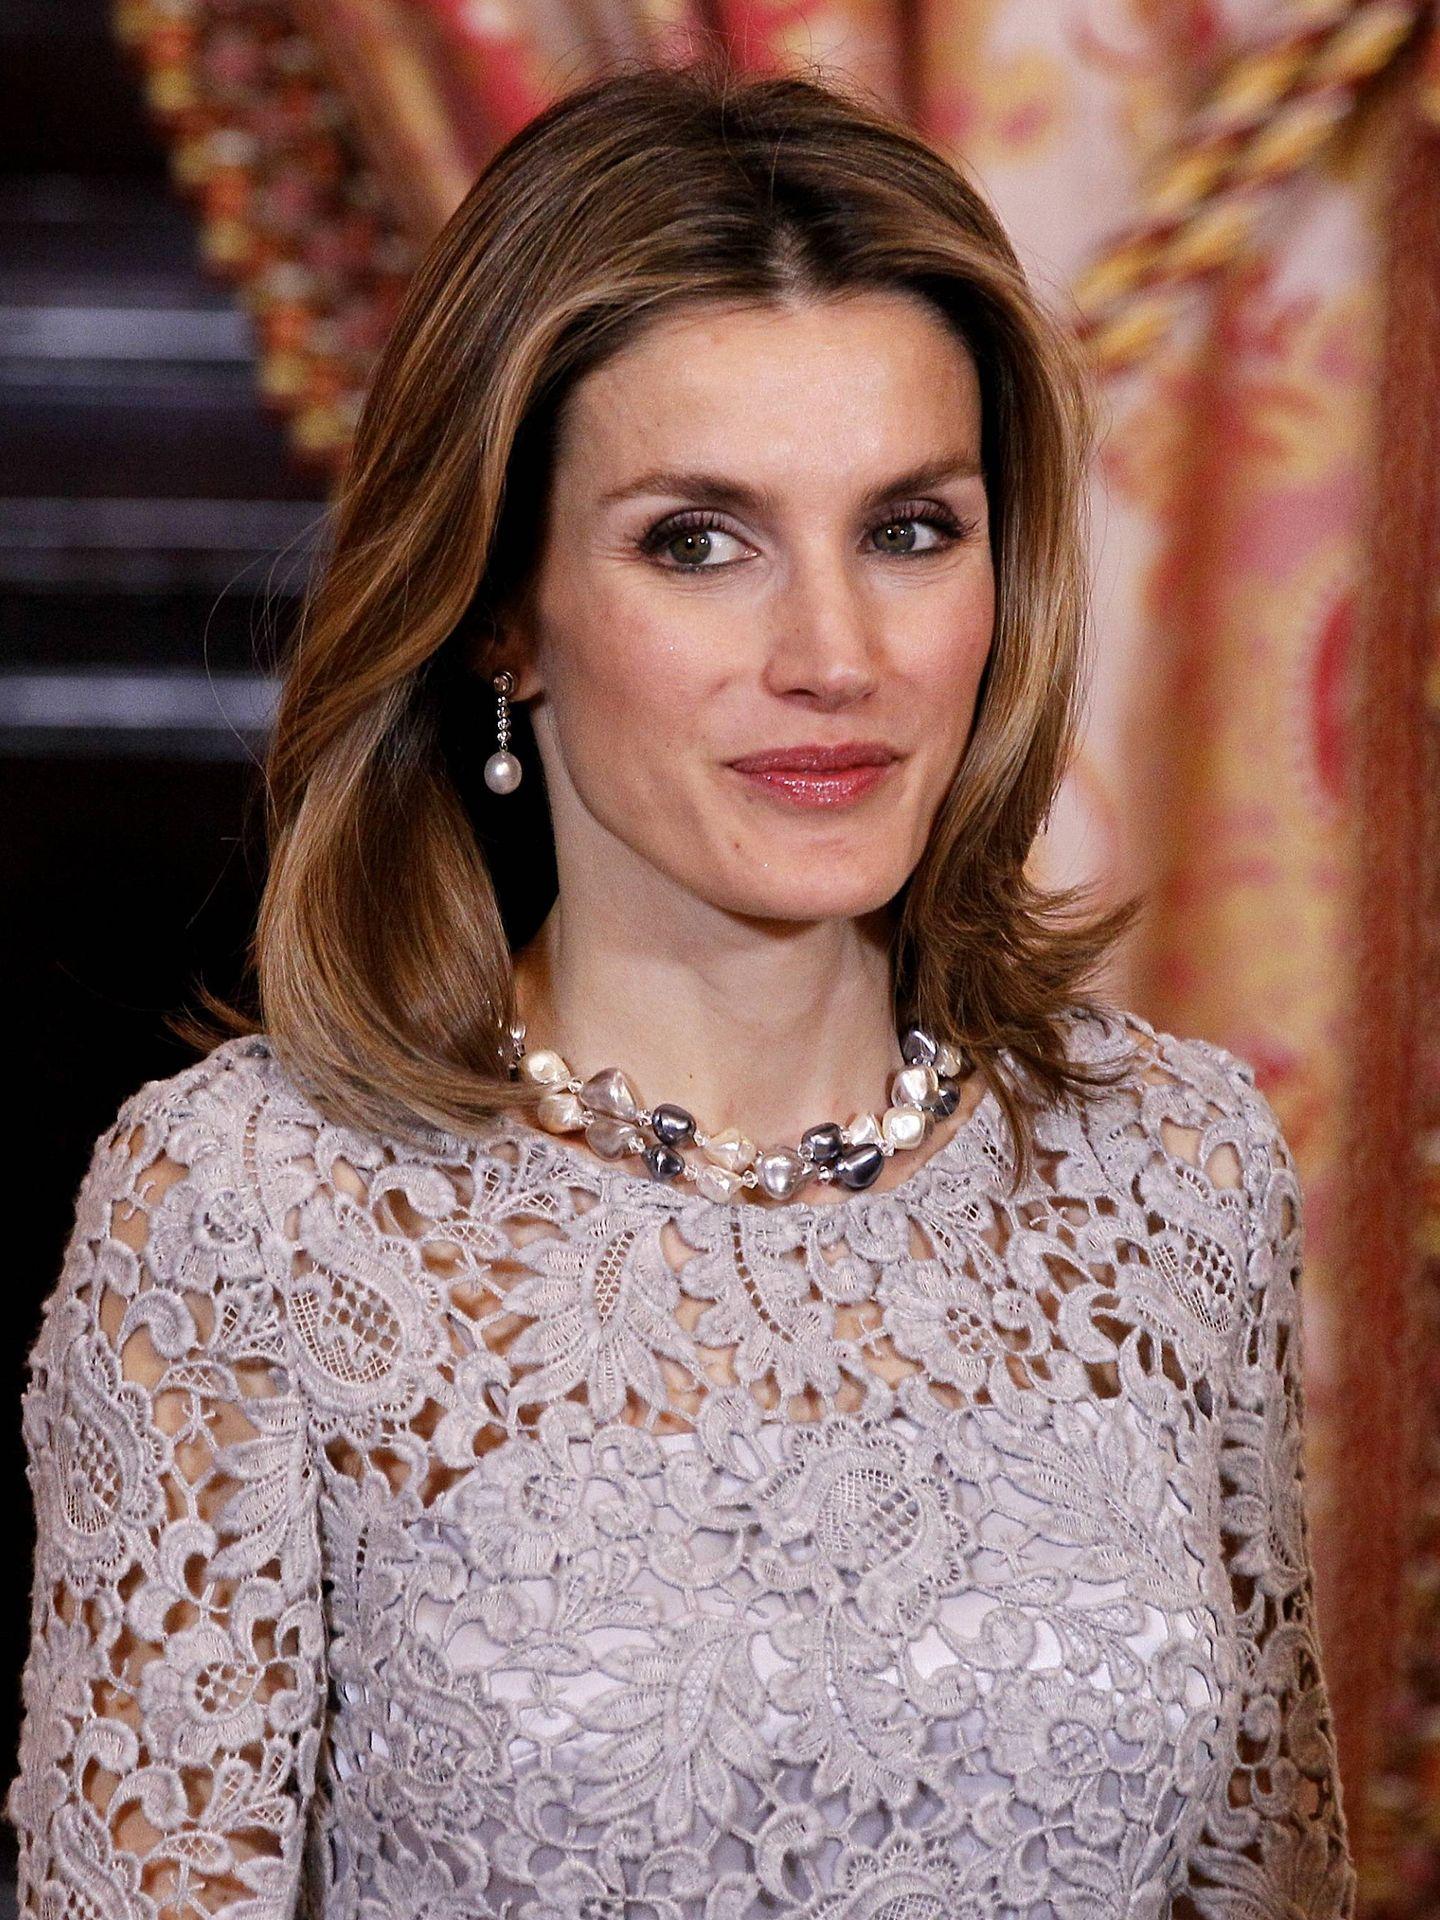 La reina Letizia, luciendo perlas. (Getty)